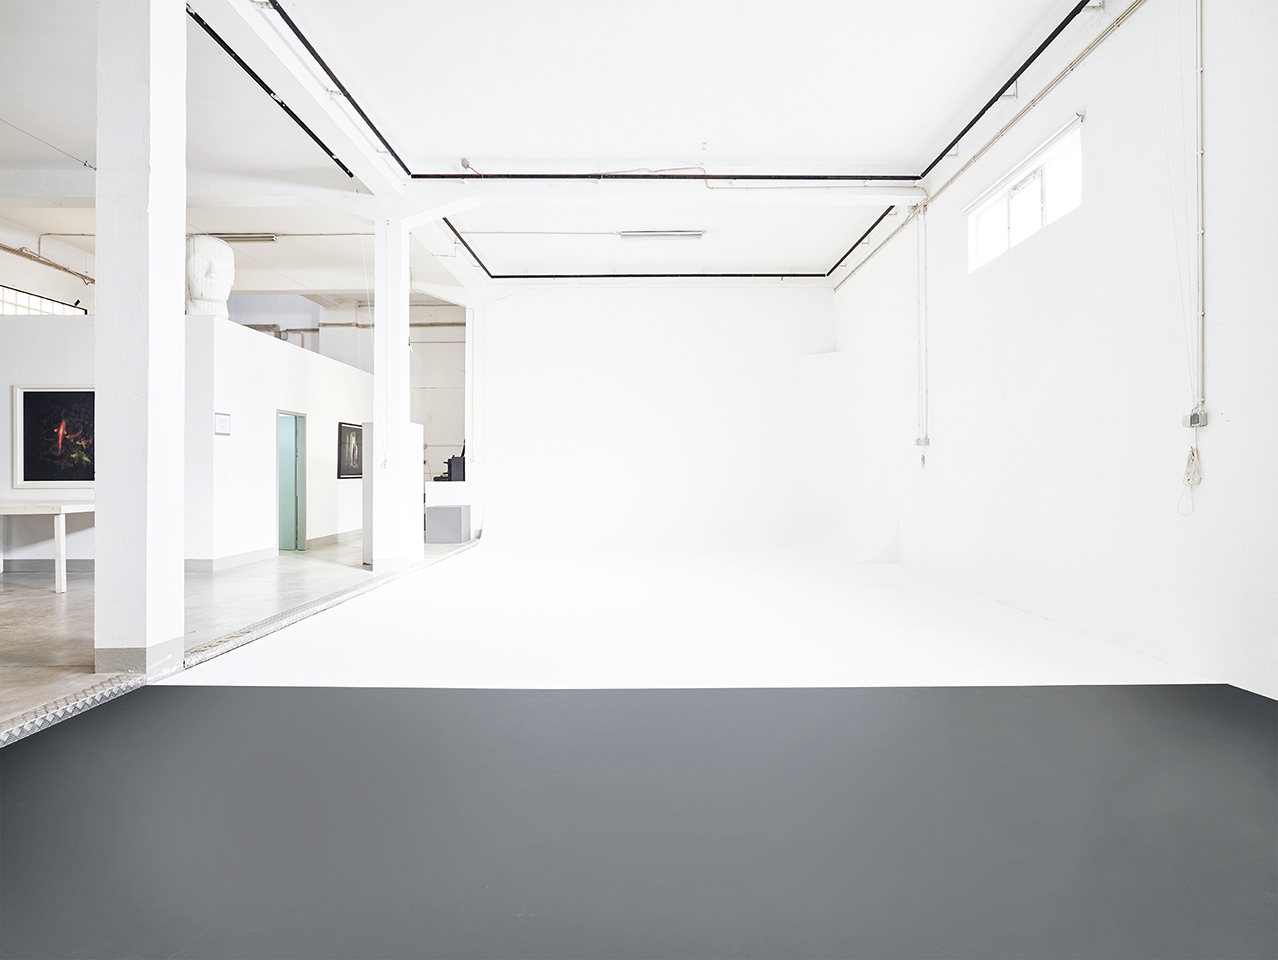 Studio_2019_Piso0_09